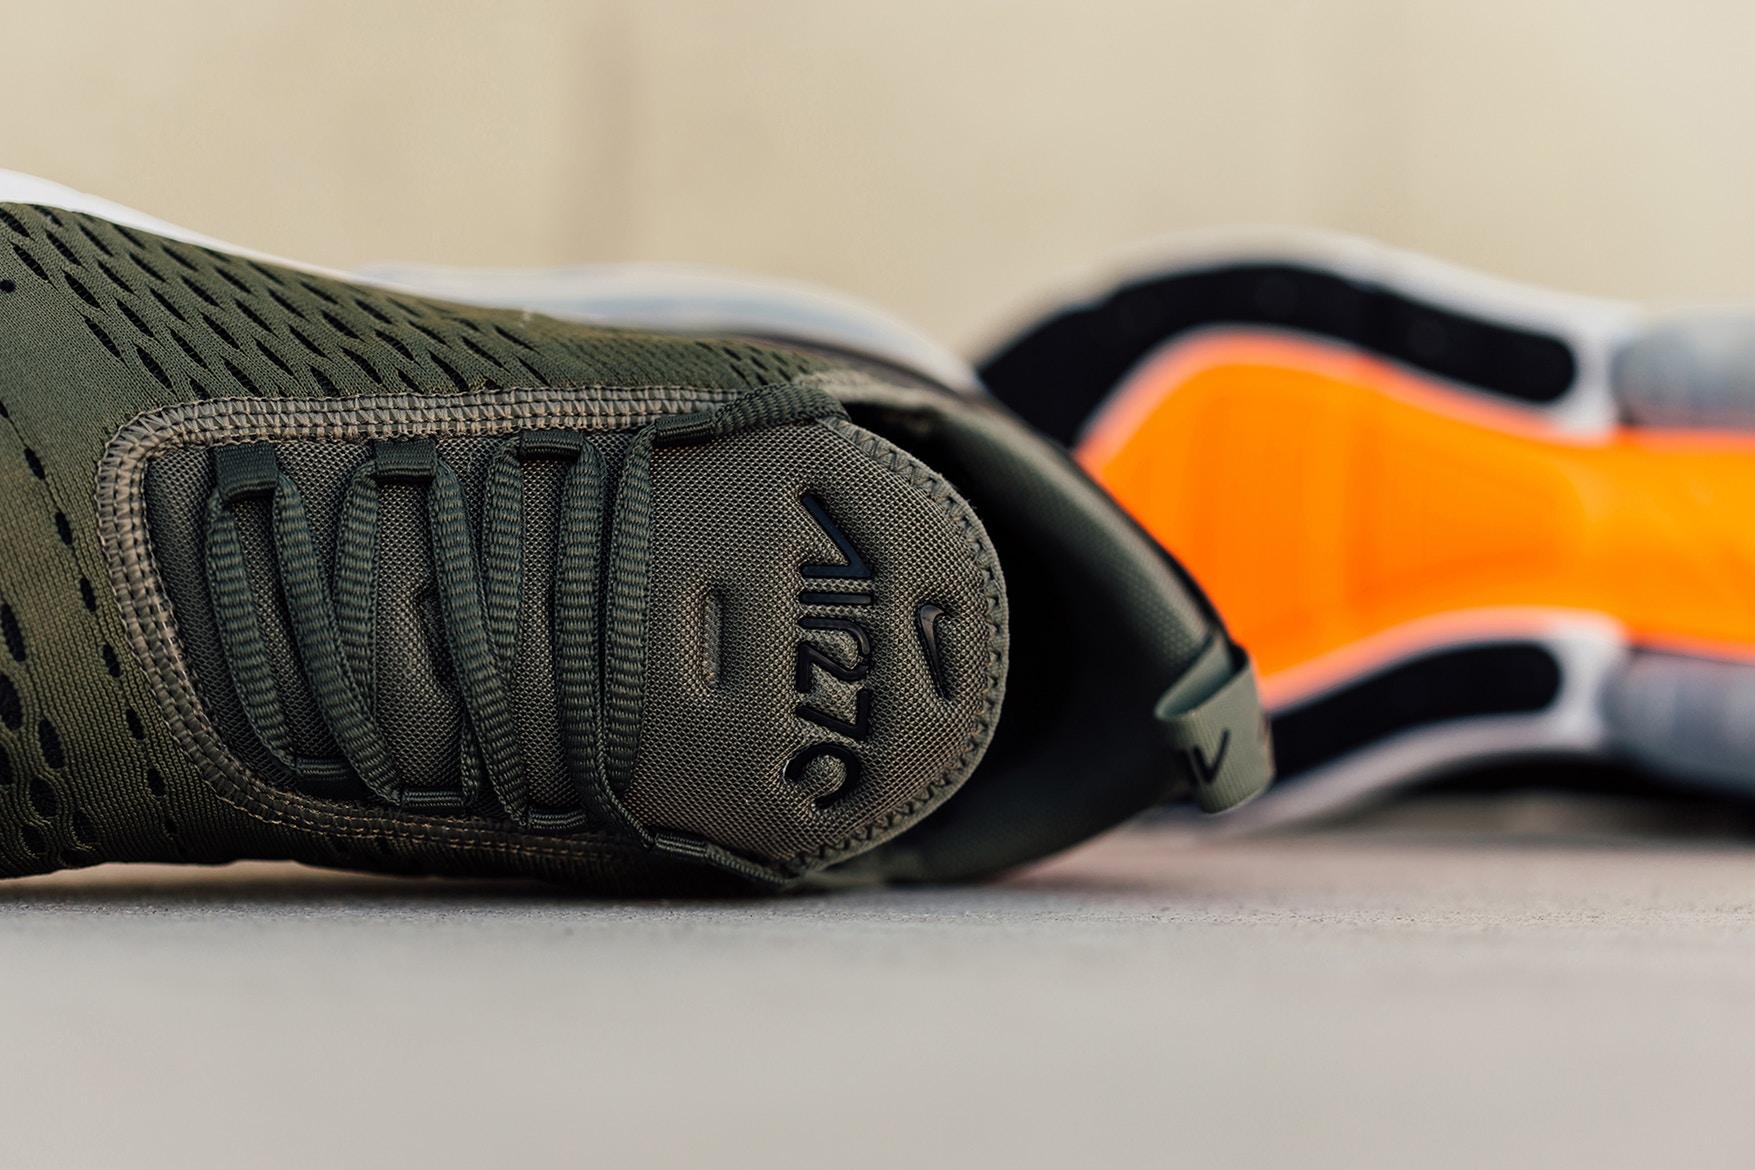 nike-air-max-270-medium-olive-on-foot-look-4